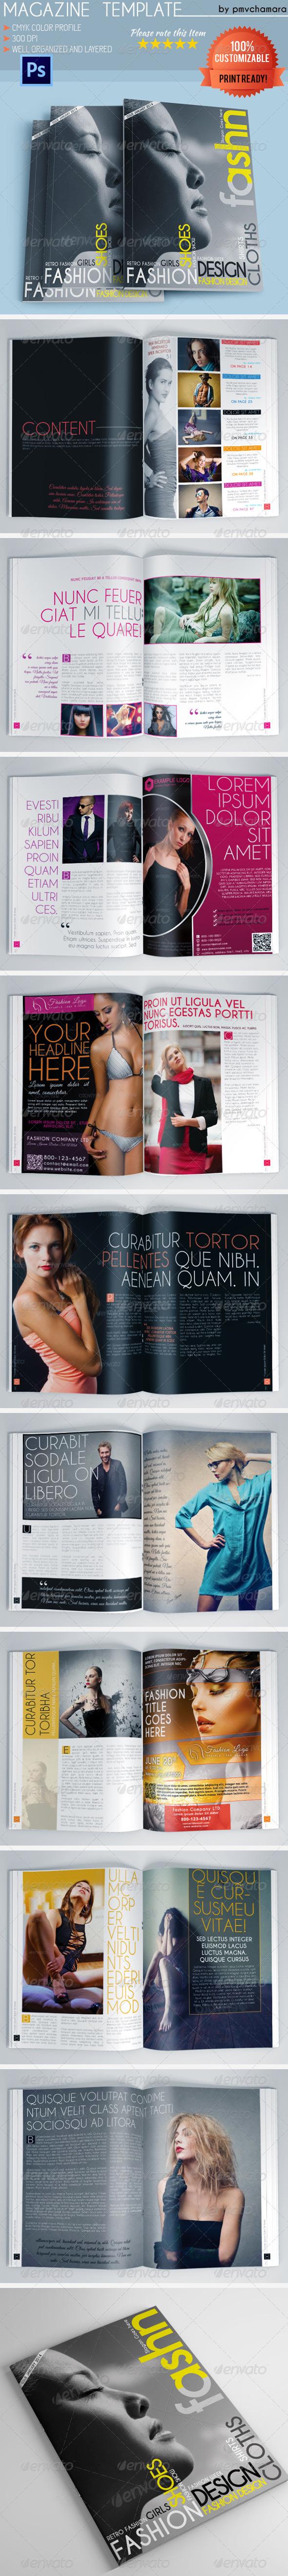 GraphicRiver Fashion Magazine Template 5570864